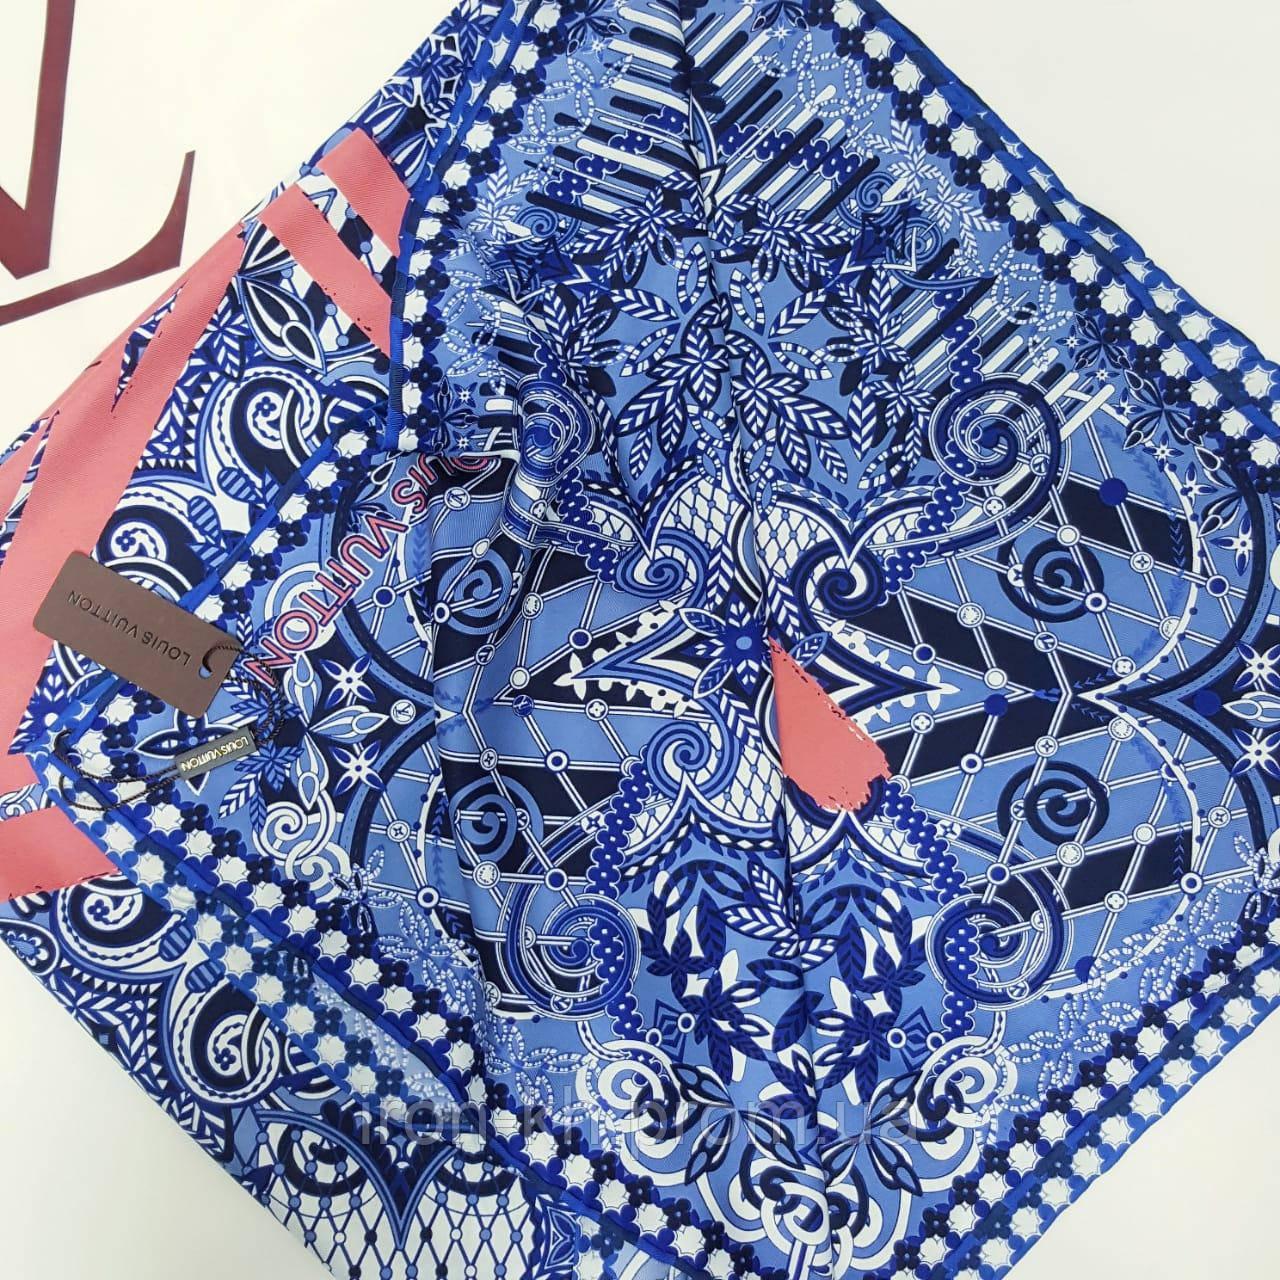 5648991cc20e Женский Платок Луи Витон, цена 425 грн., купить в Харькове — Prom.ua ...